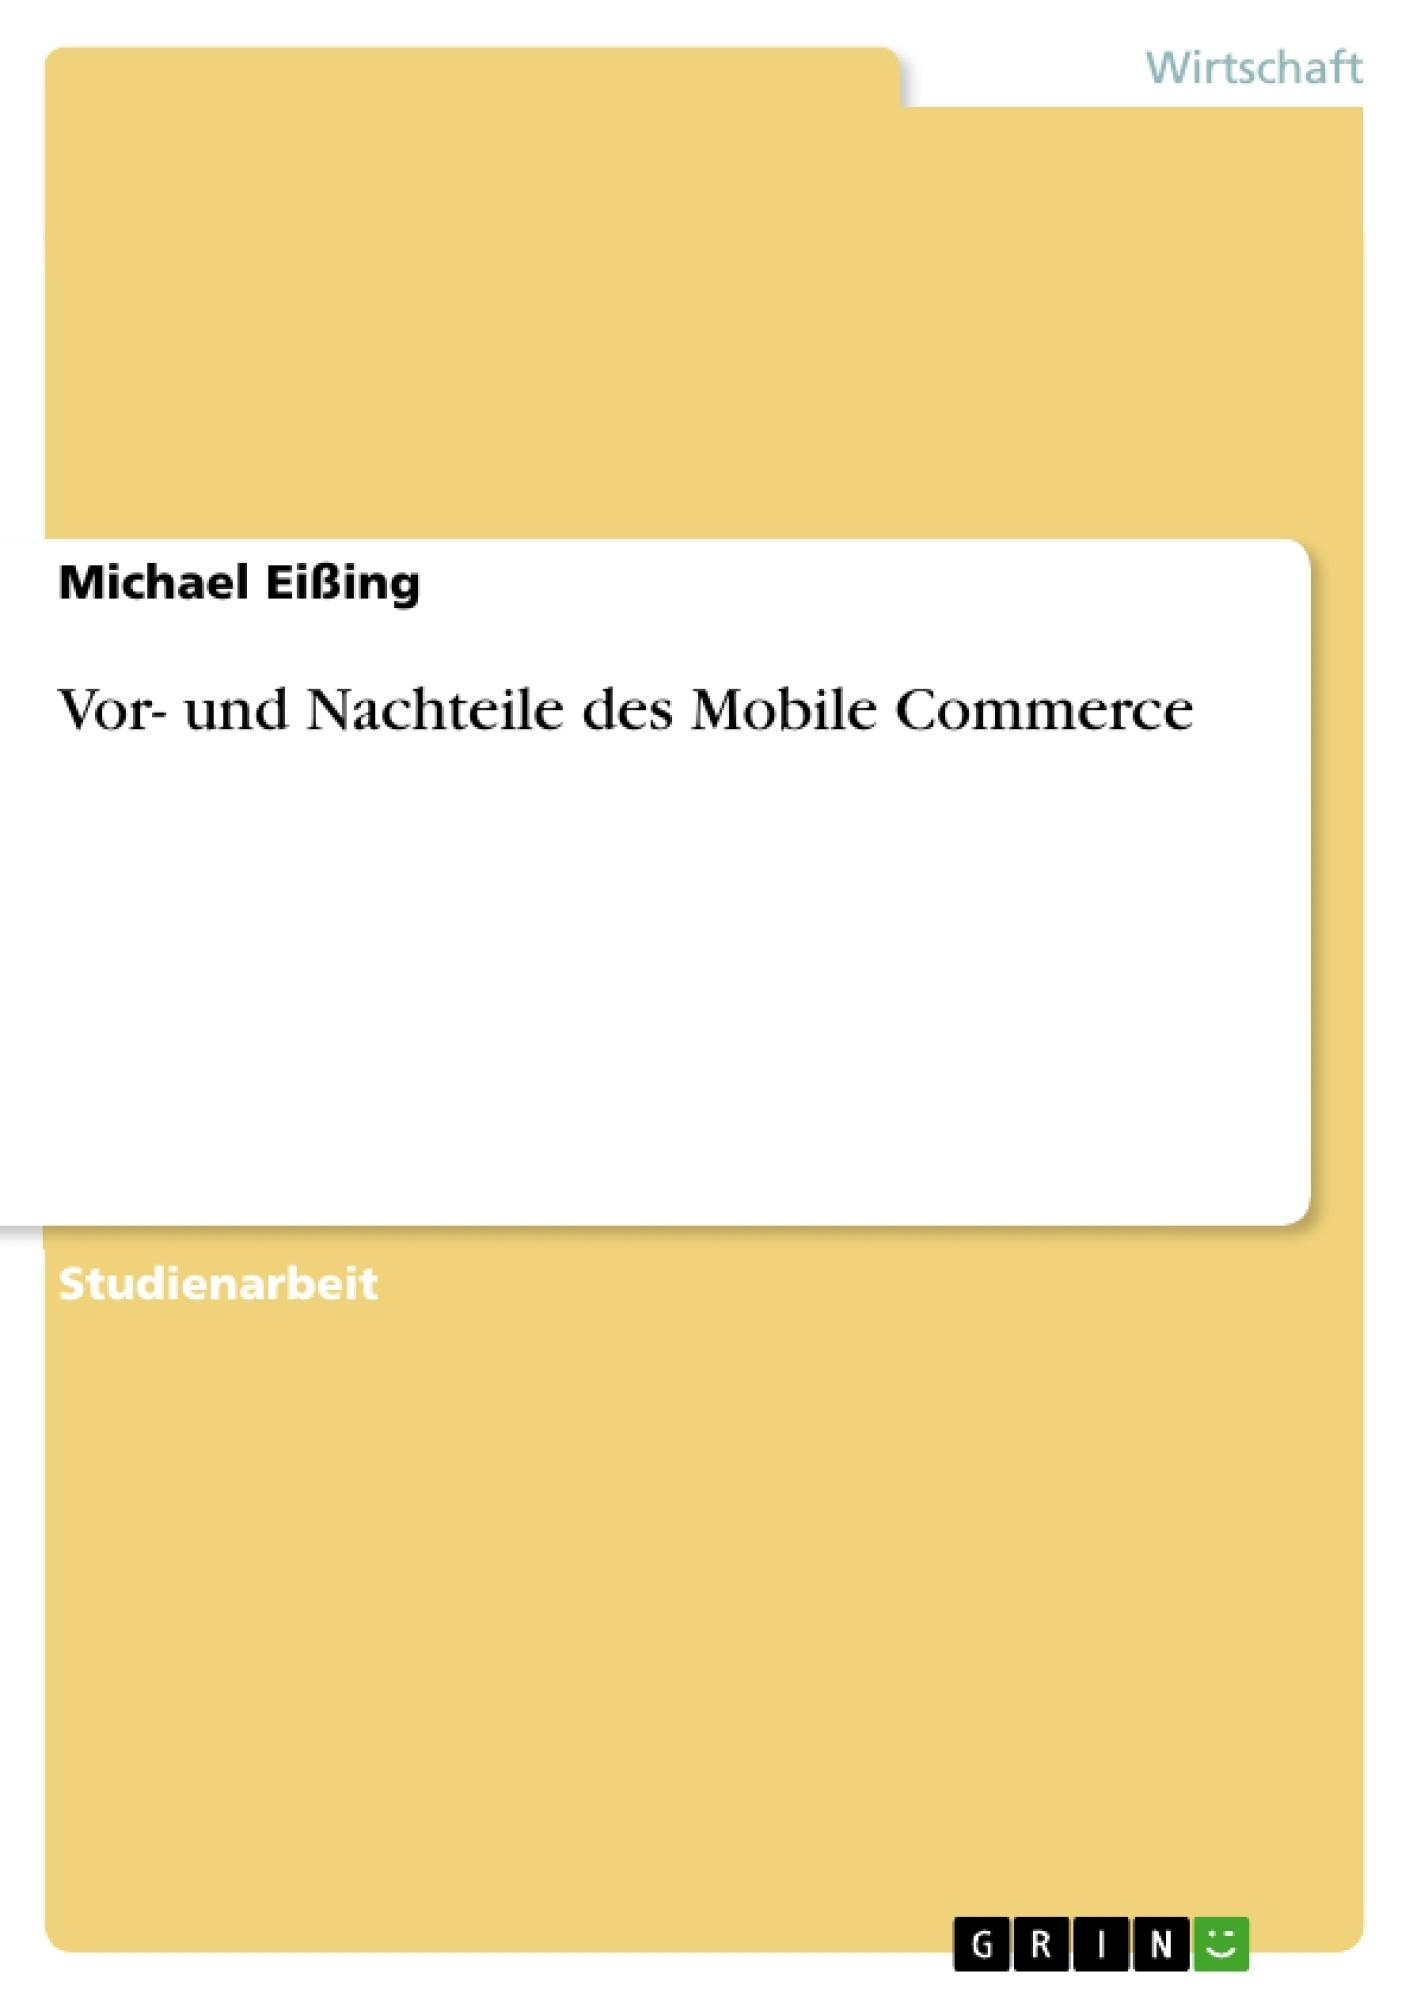 Titel: Vor- und Nachteile des Mobile Commerce